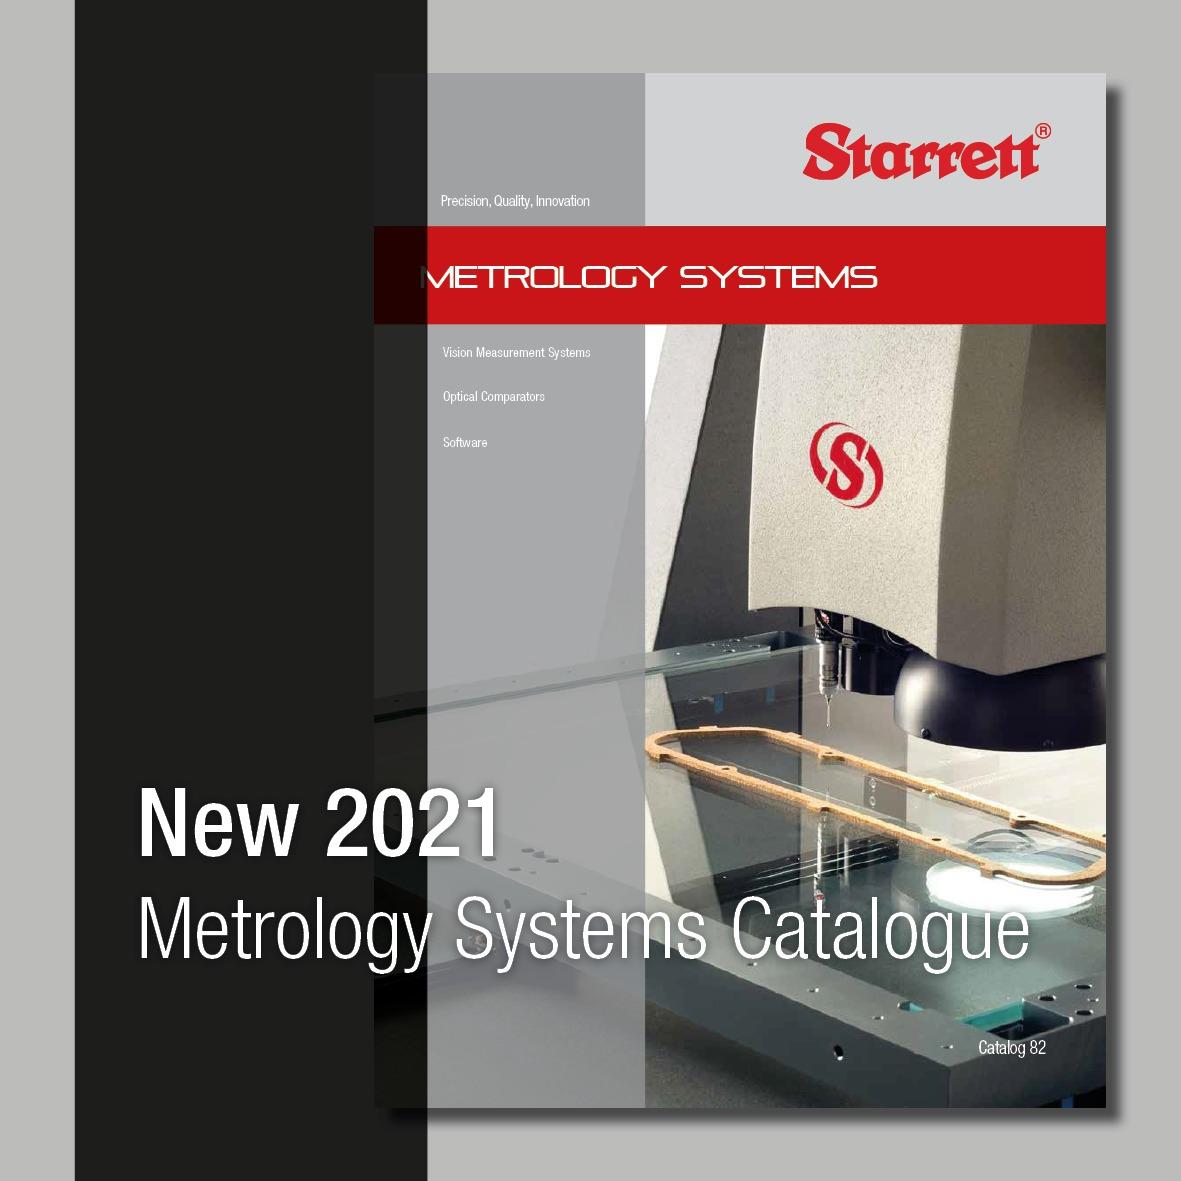 1951, 1951, New Catalogue, New-Catalogue.jpg, 157860, https://starrett-metrology.co.uk/wp-content/uploads/2020/12/New-Catalogue.jpg, https://starrett-metrology.co.uk/the-new-metrology-systems-catalogue/new-catalogue/, , 5, , , new-catalogue, inherit, 1950, 2020-12-01 10:52:21, 2020-12-01 10:52:21, 0, image/jpeg, image, jpeg, https://starrett-metrology.co.uk/wp-includes/images/media/default.png, 1181, 1181, Array